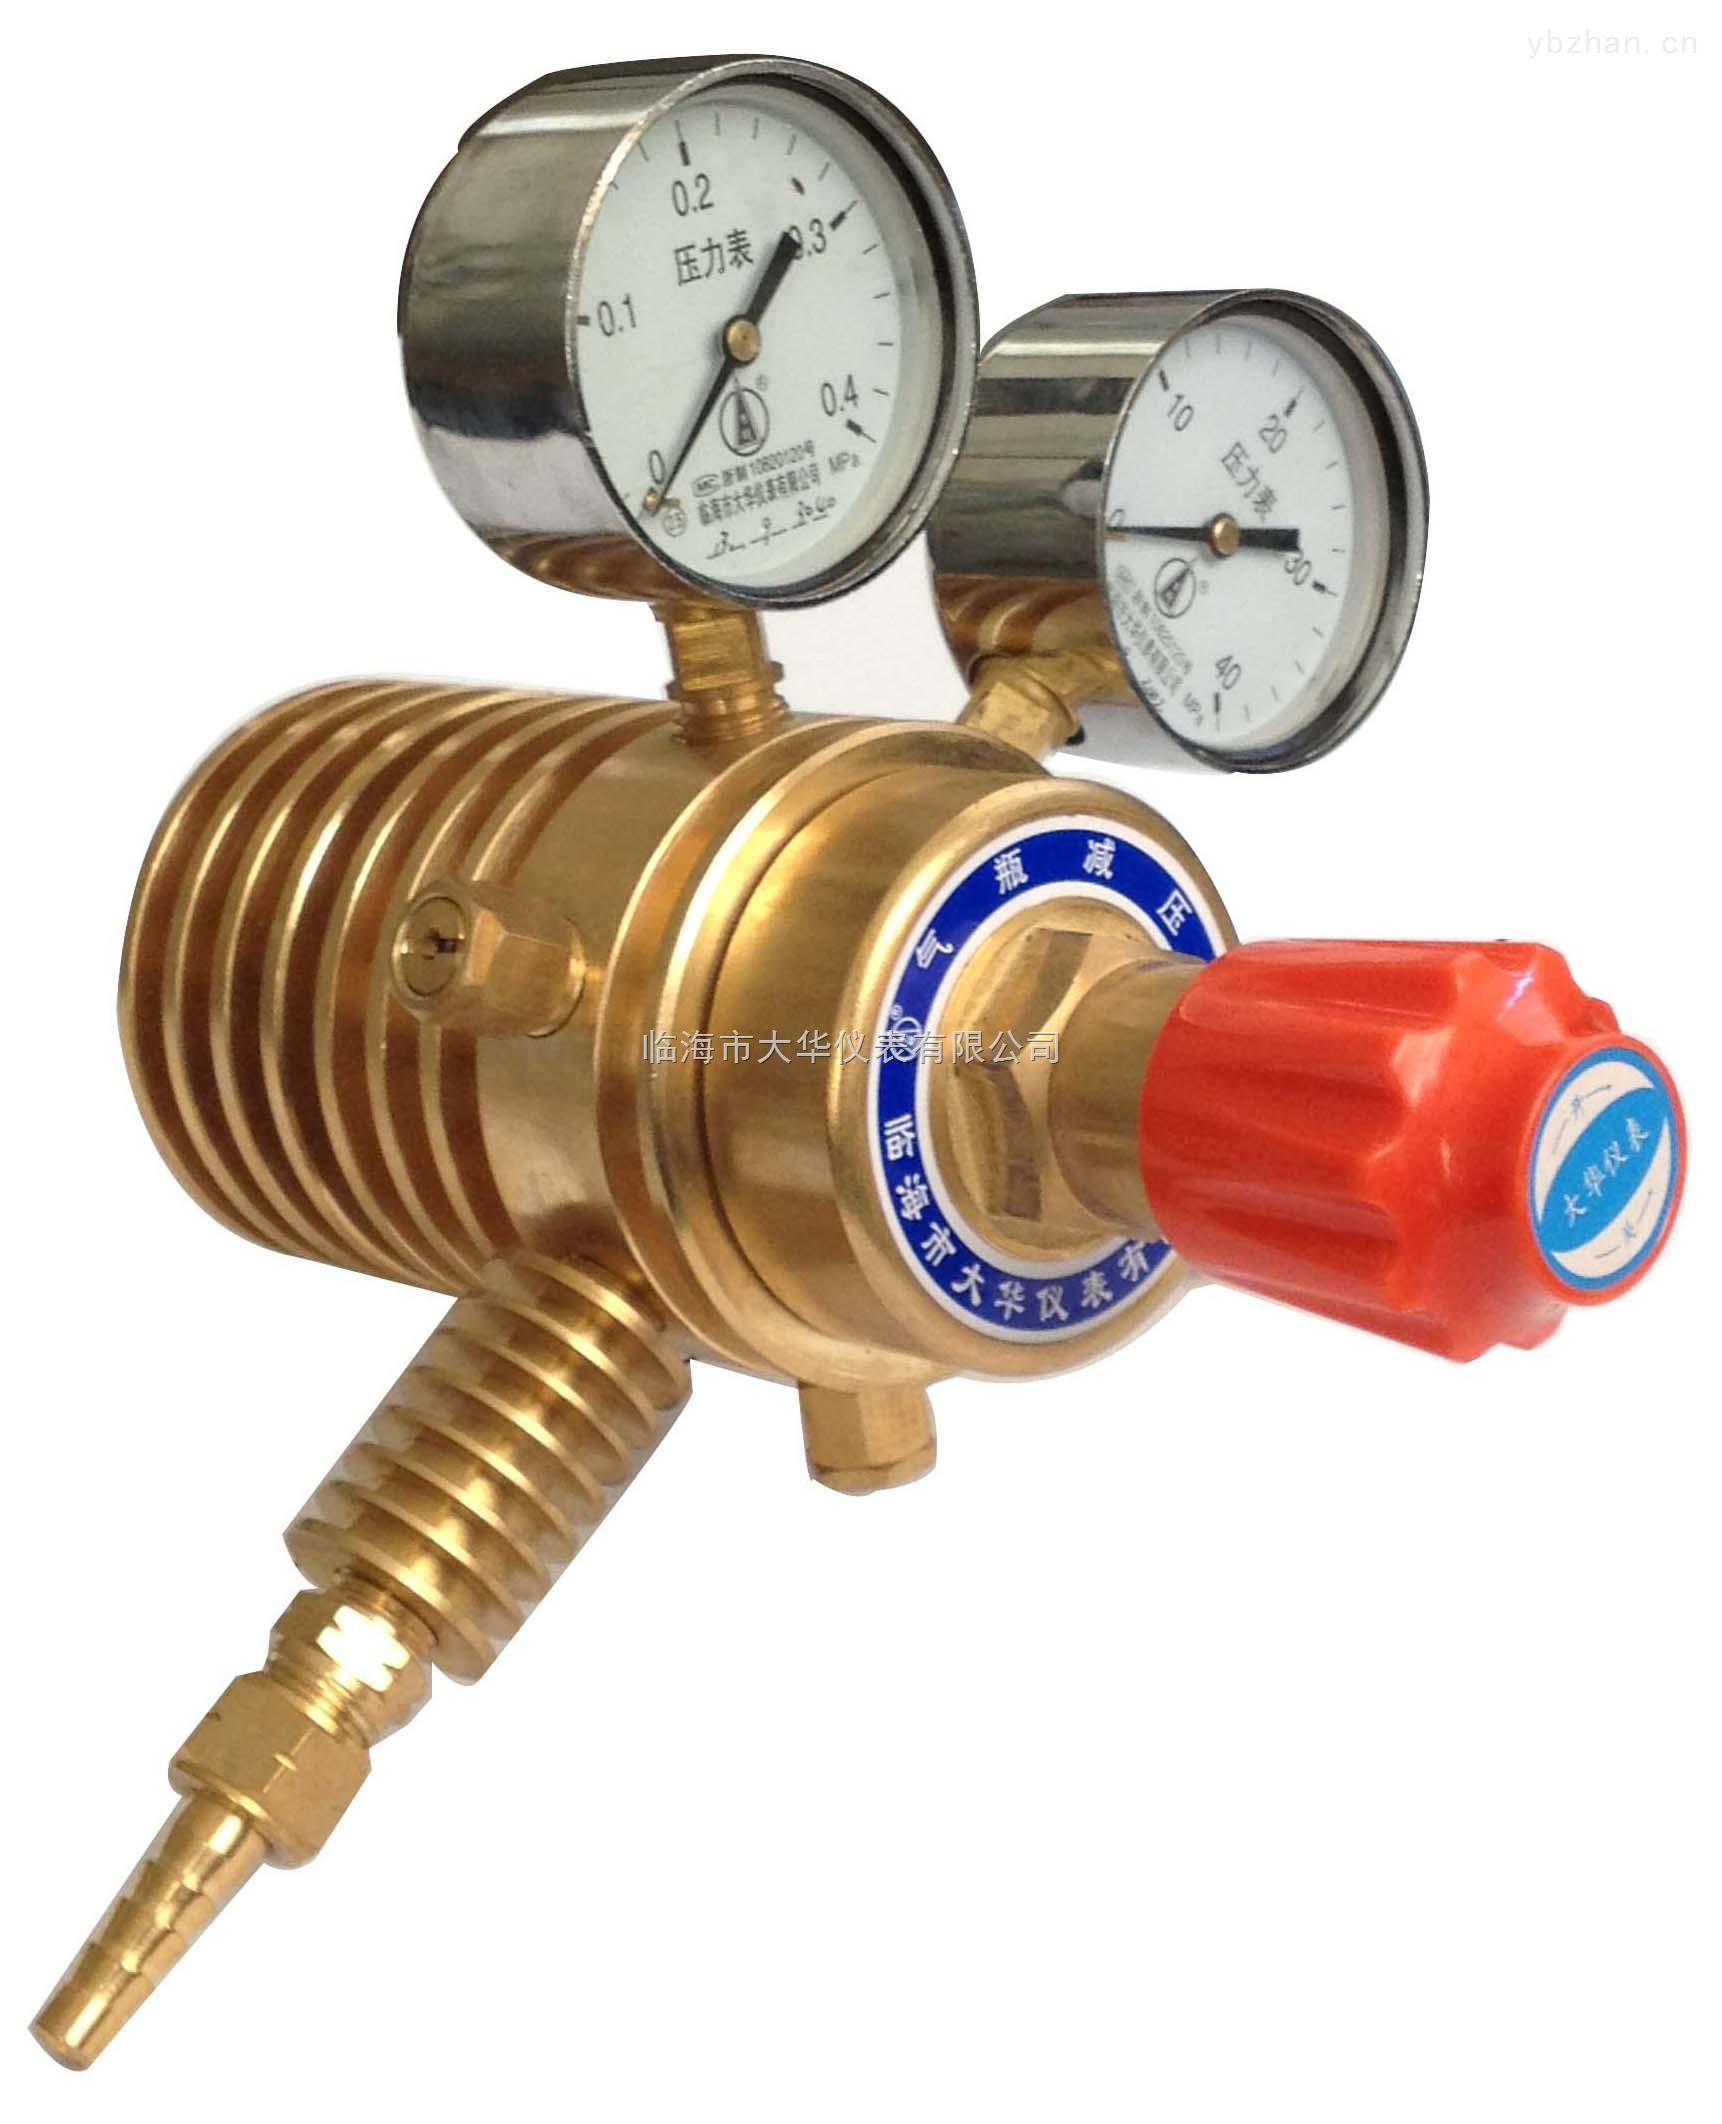 天然气减压器吸热式防冻型全铜